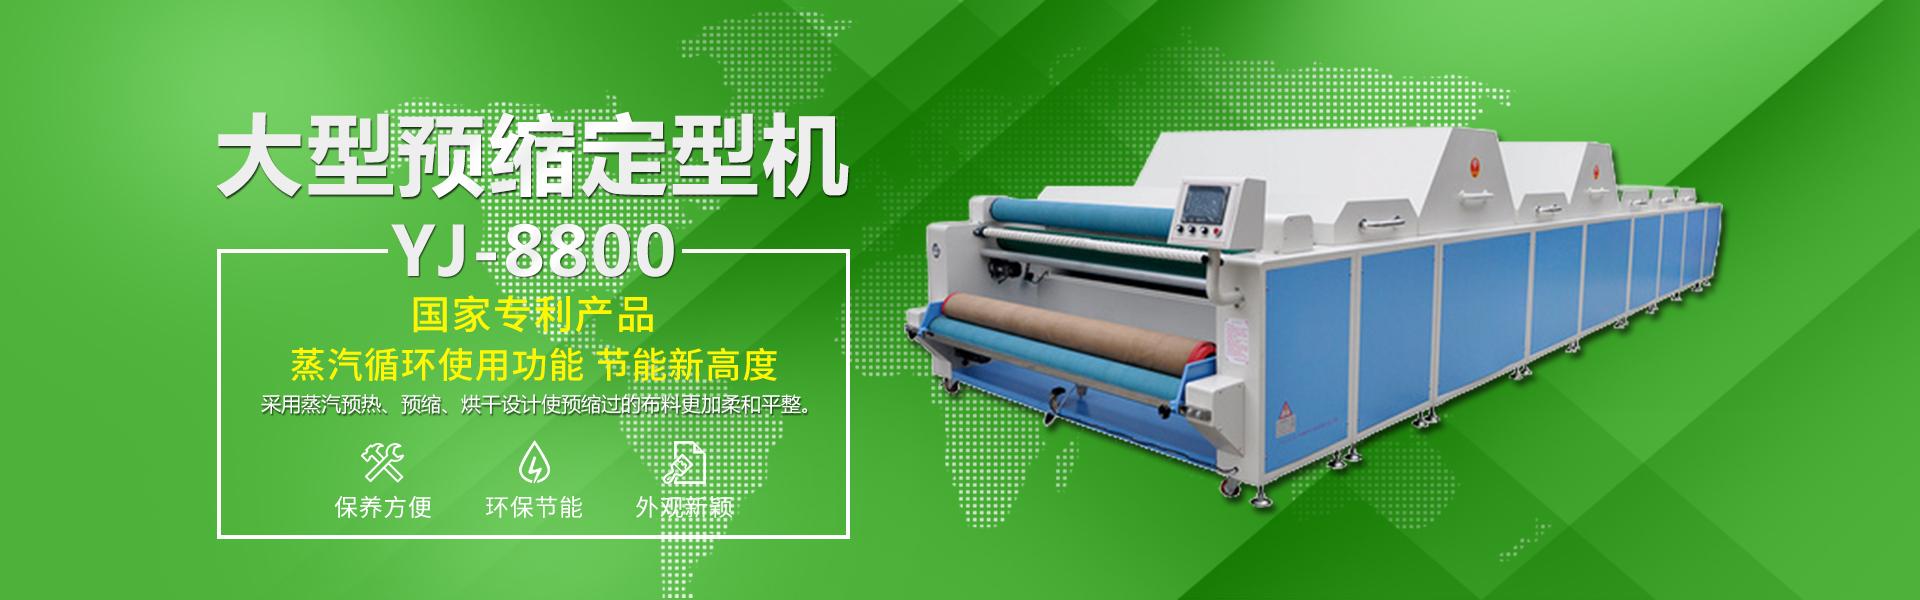 肇庆市易利服装机械专业生产布料定型机,缩水机,面料预缩机等服装机械设备!